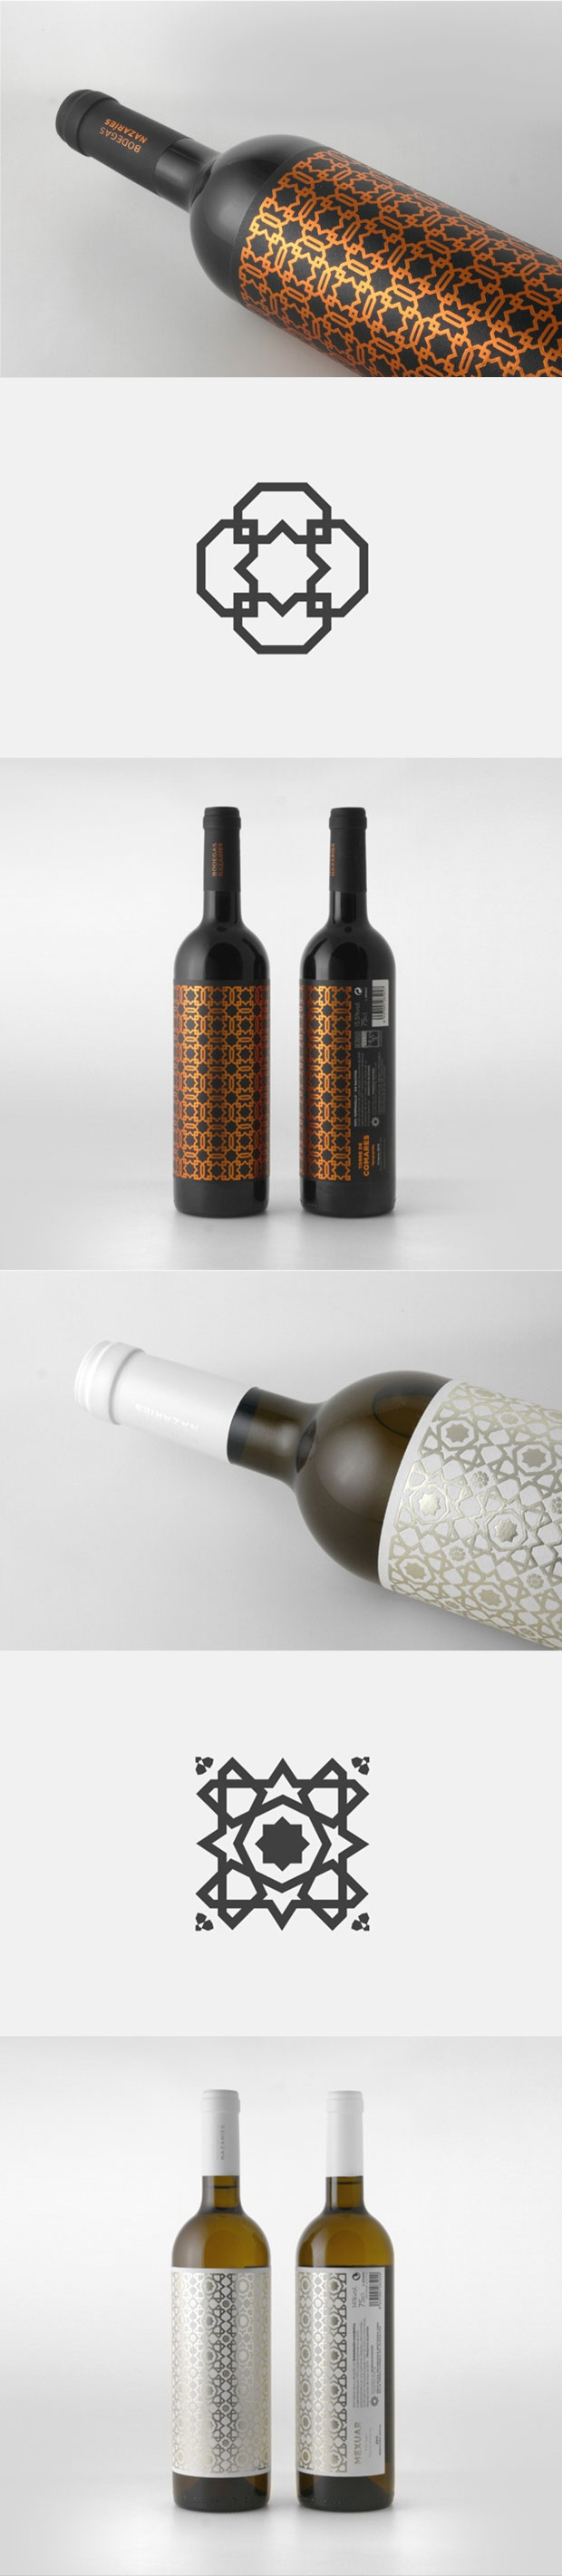 52 besten Wine Label Design Bilder auf Pinterest | Weinflaschen ...